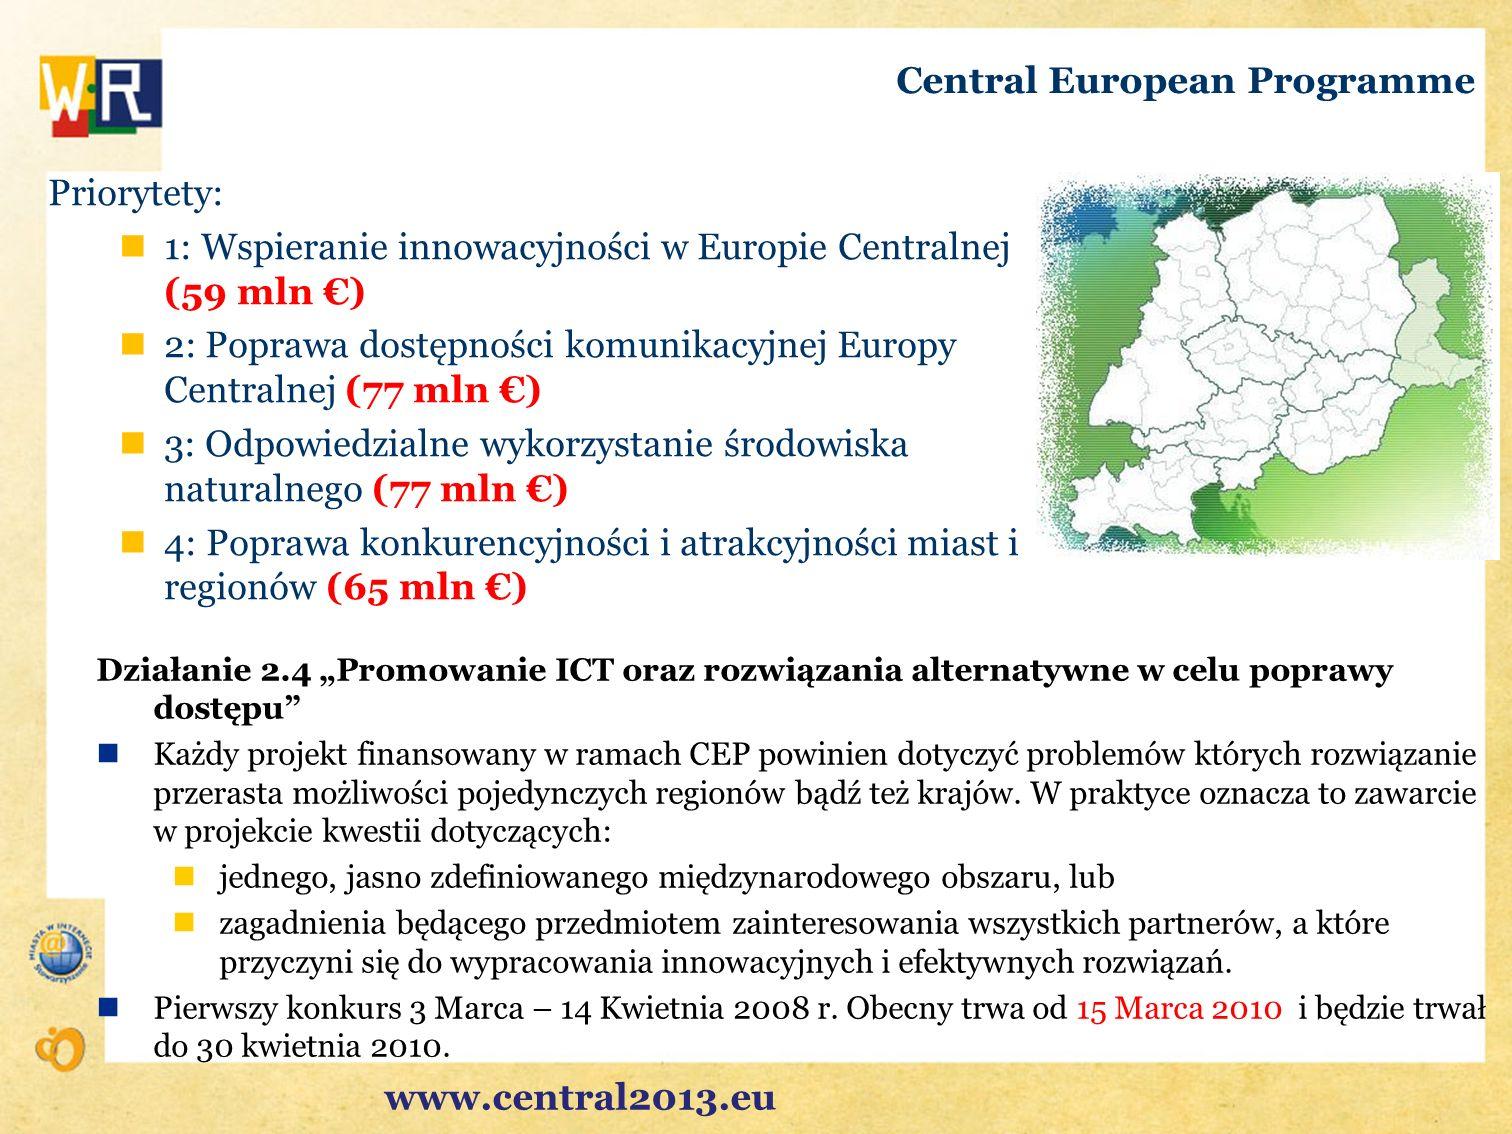 Central European Programme